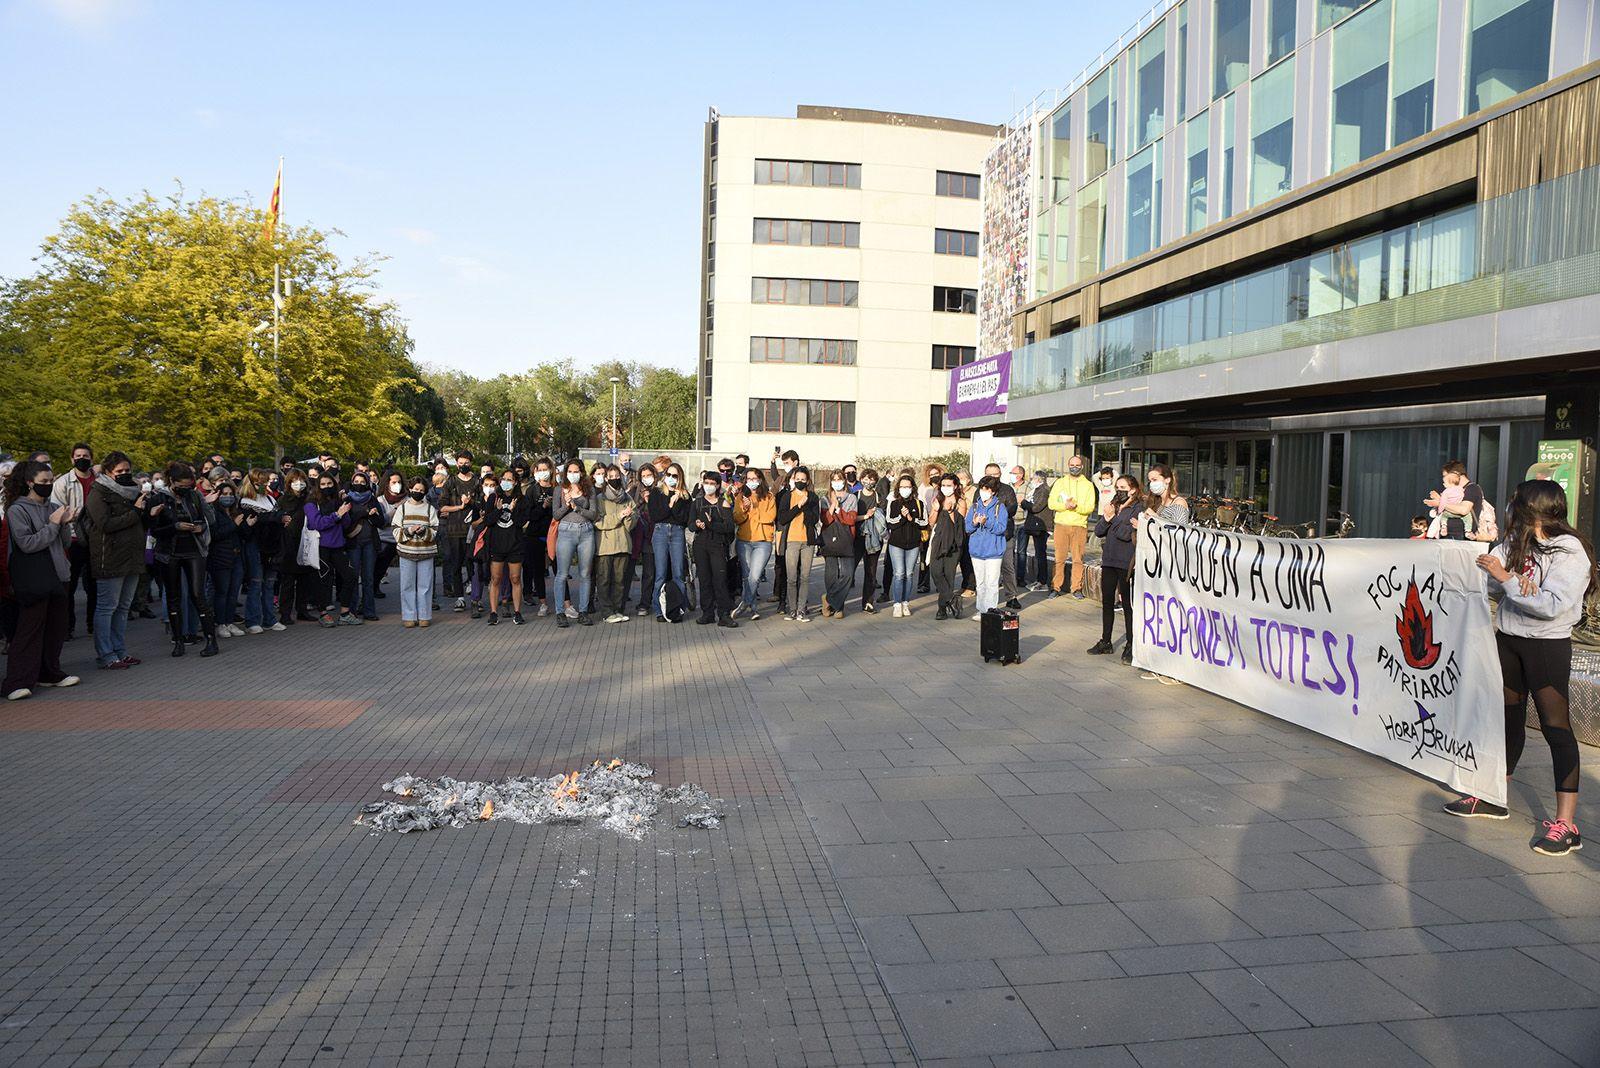 Concentració feminista denuncia l'abús sexual a una menor. Fotos Bernat Millet 22